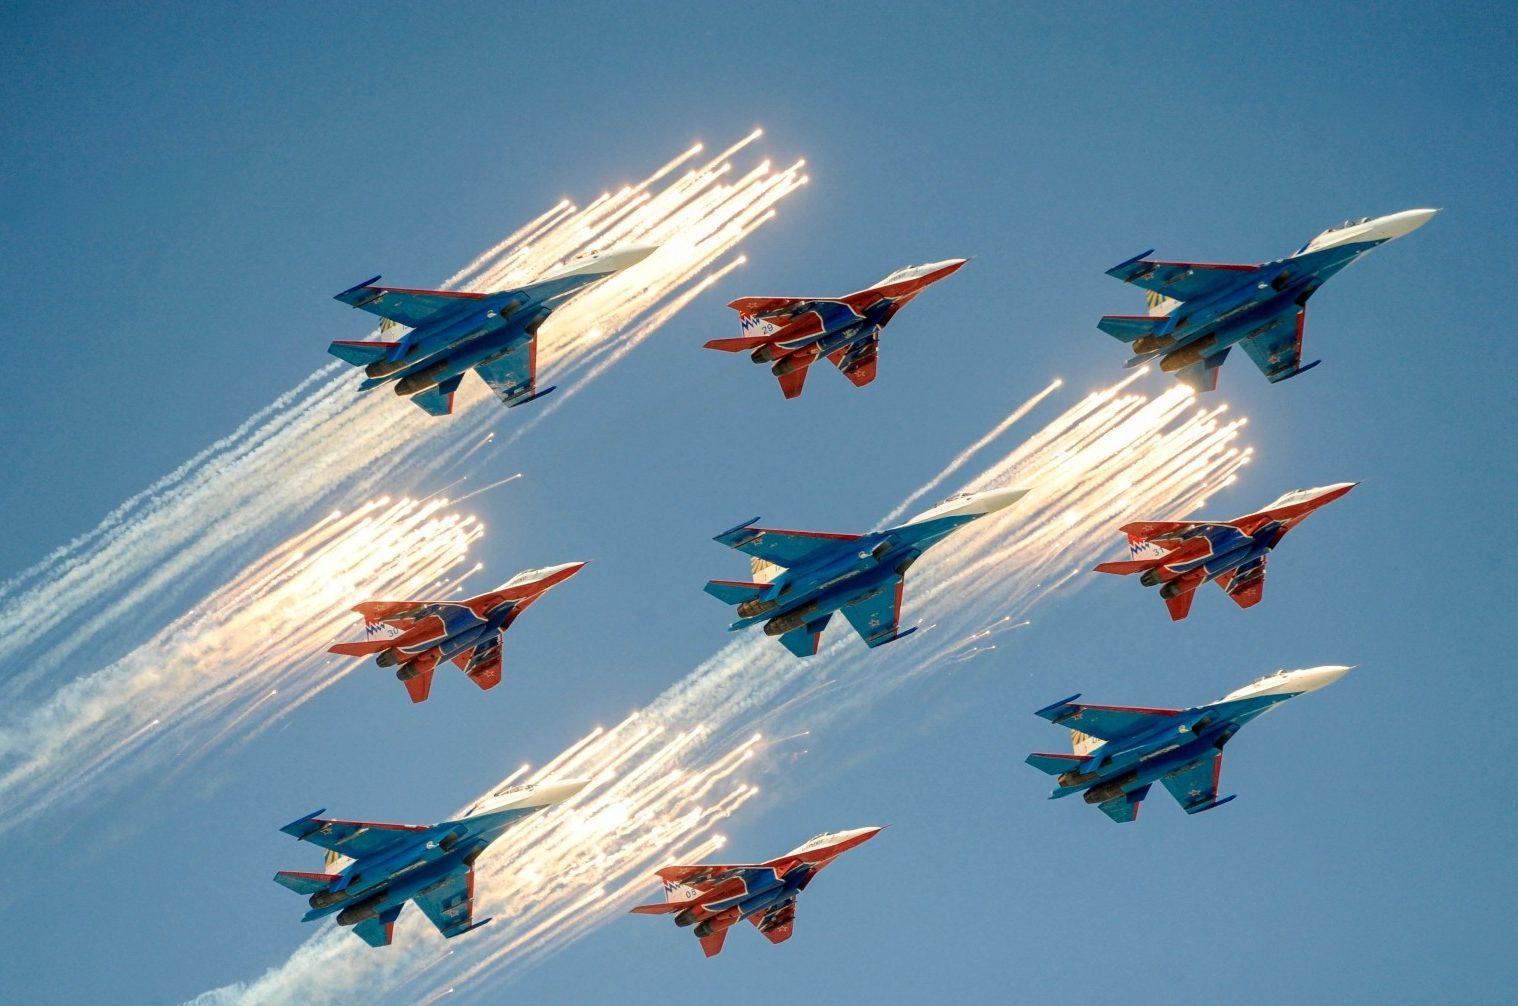 Авиашоу на день ВМФ в Санкт-Петербурге